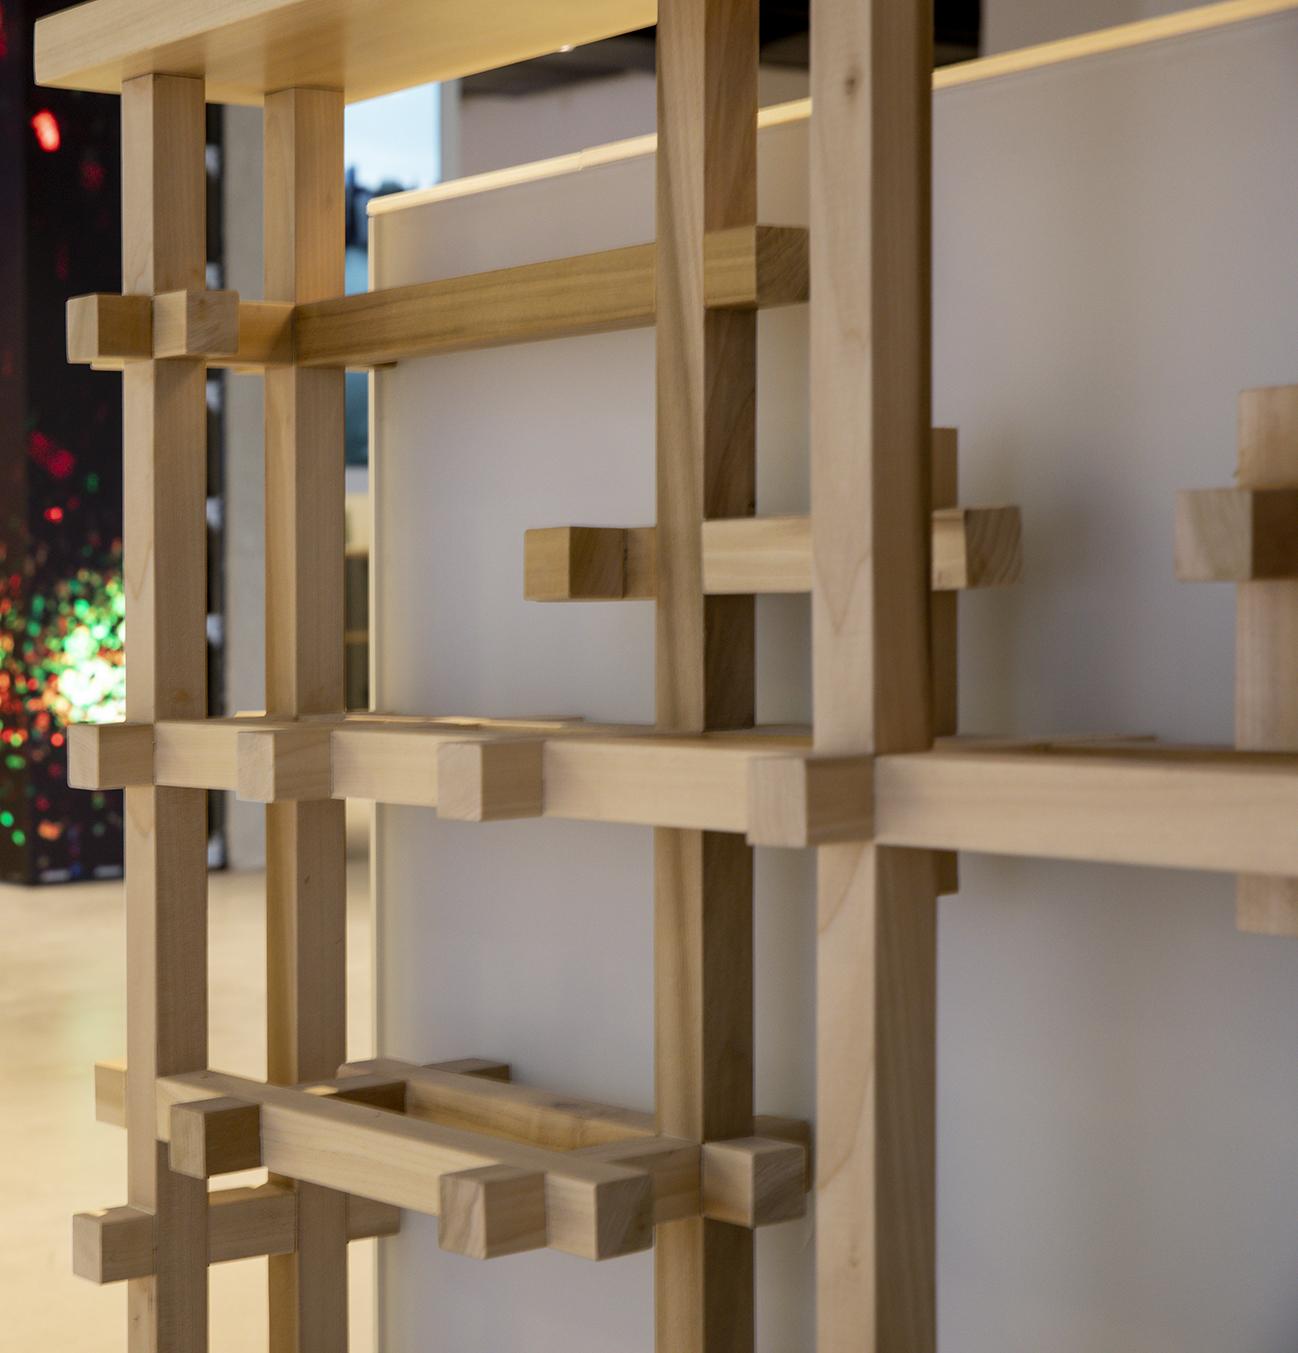 Shirli Zamir Creative Lab  By Kfir 12313